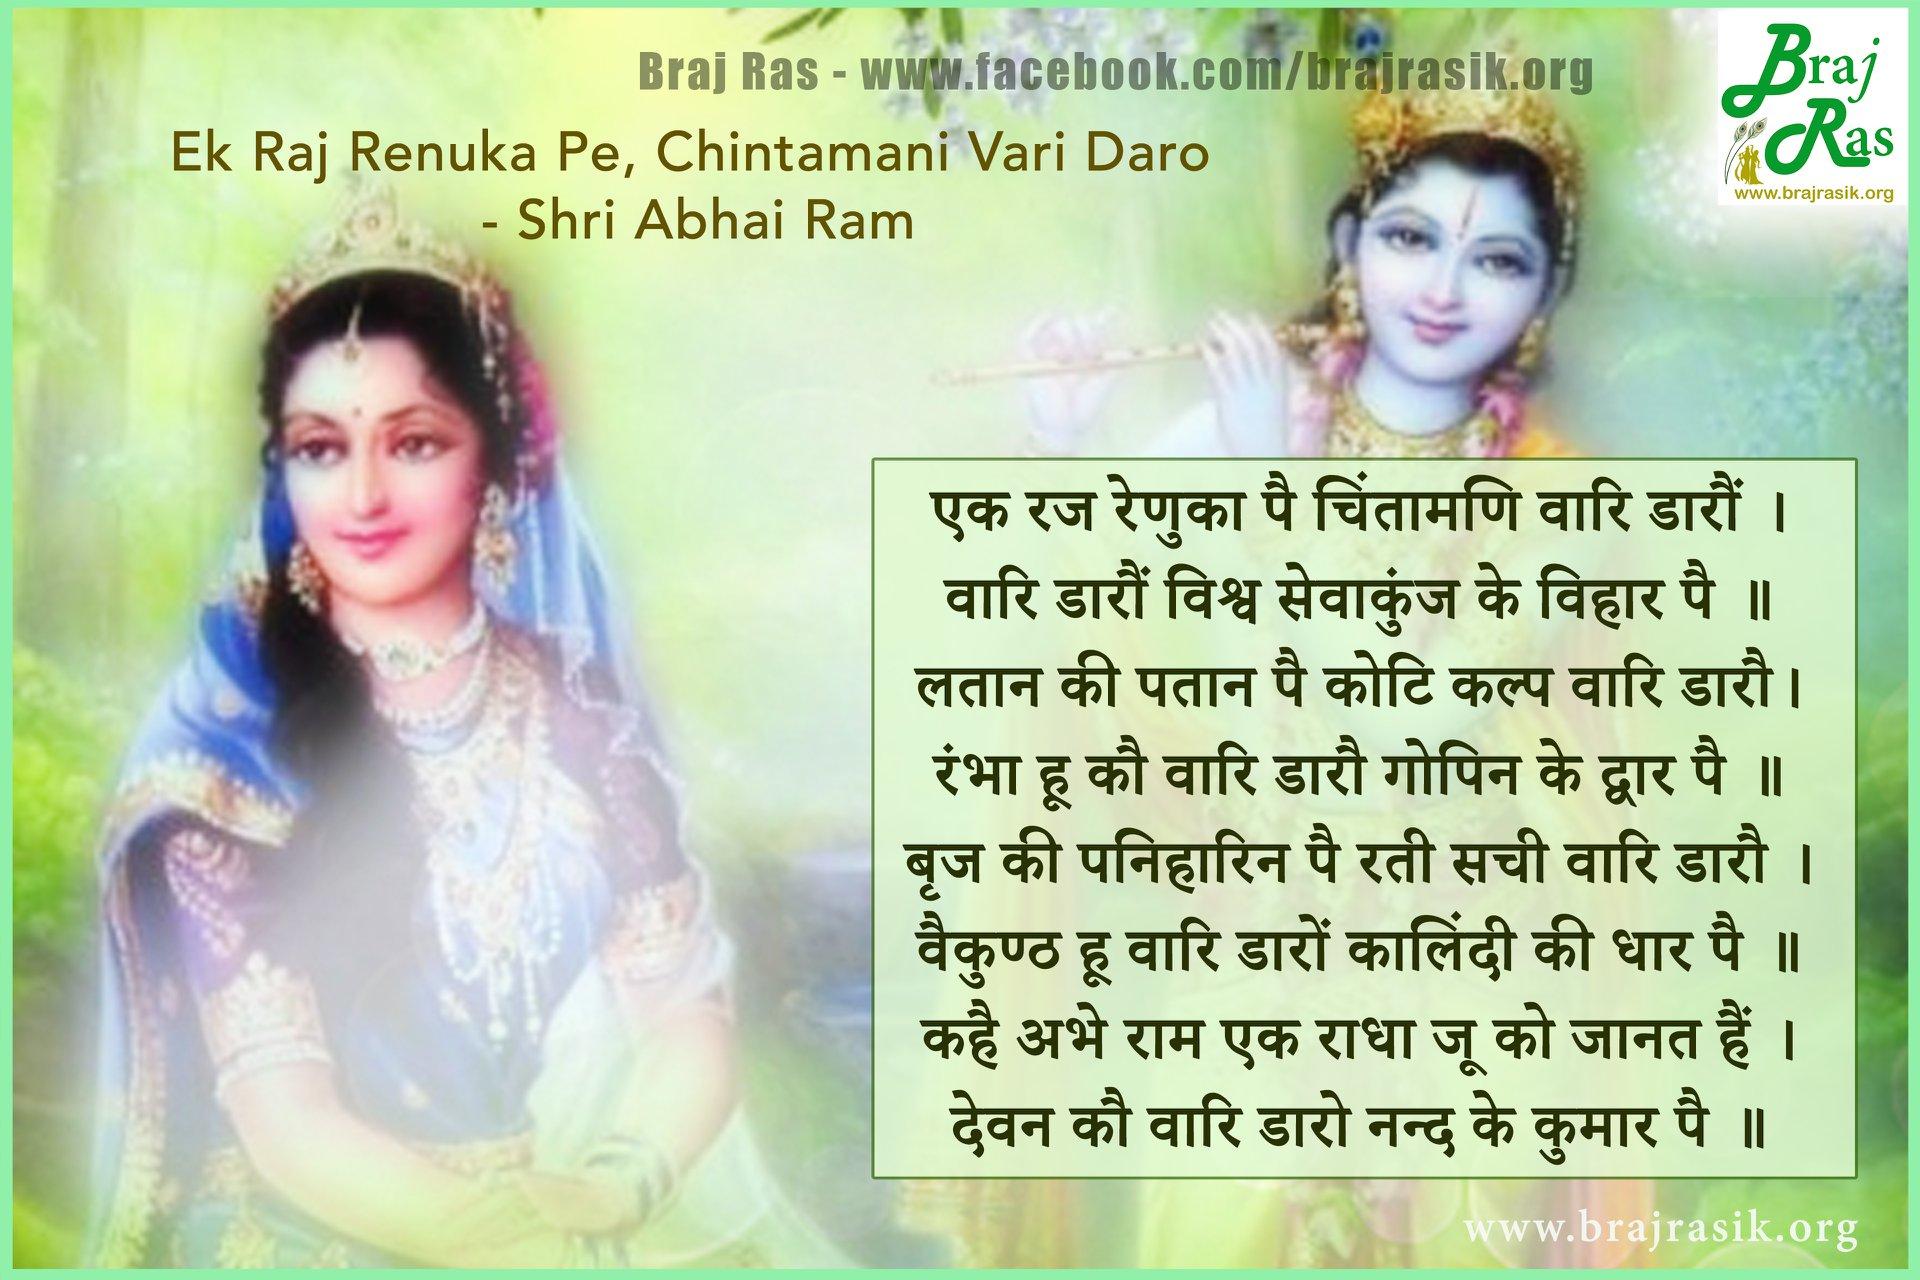 Ek Raj Renuka Pe, Chintamani Vari Daro - Shri Abhai Ram